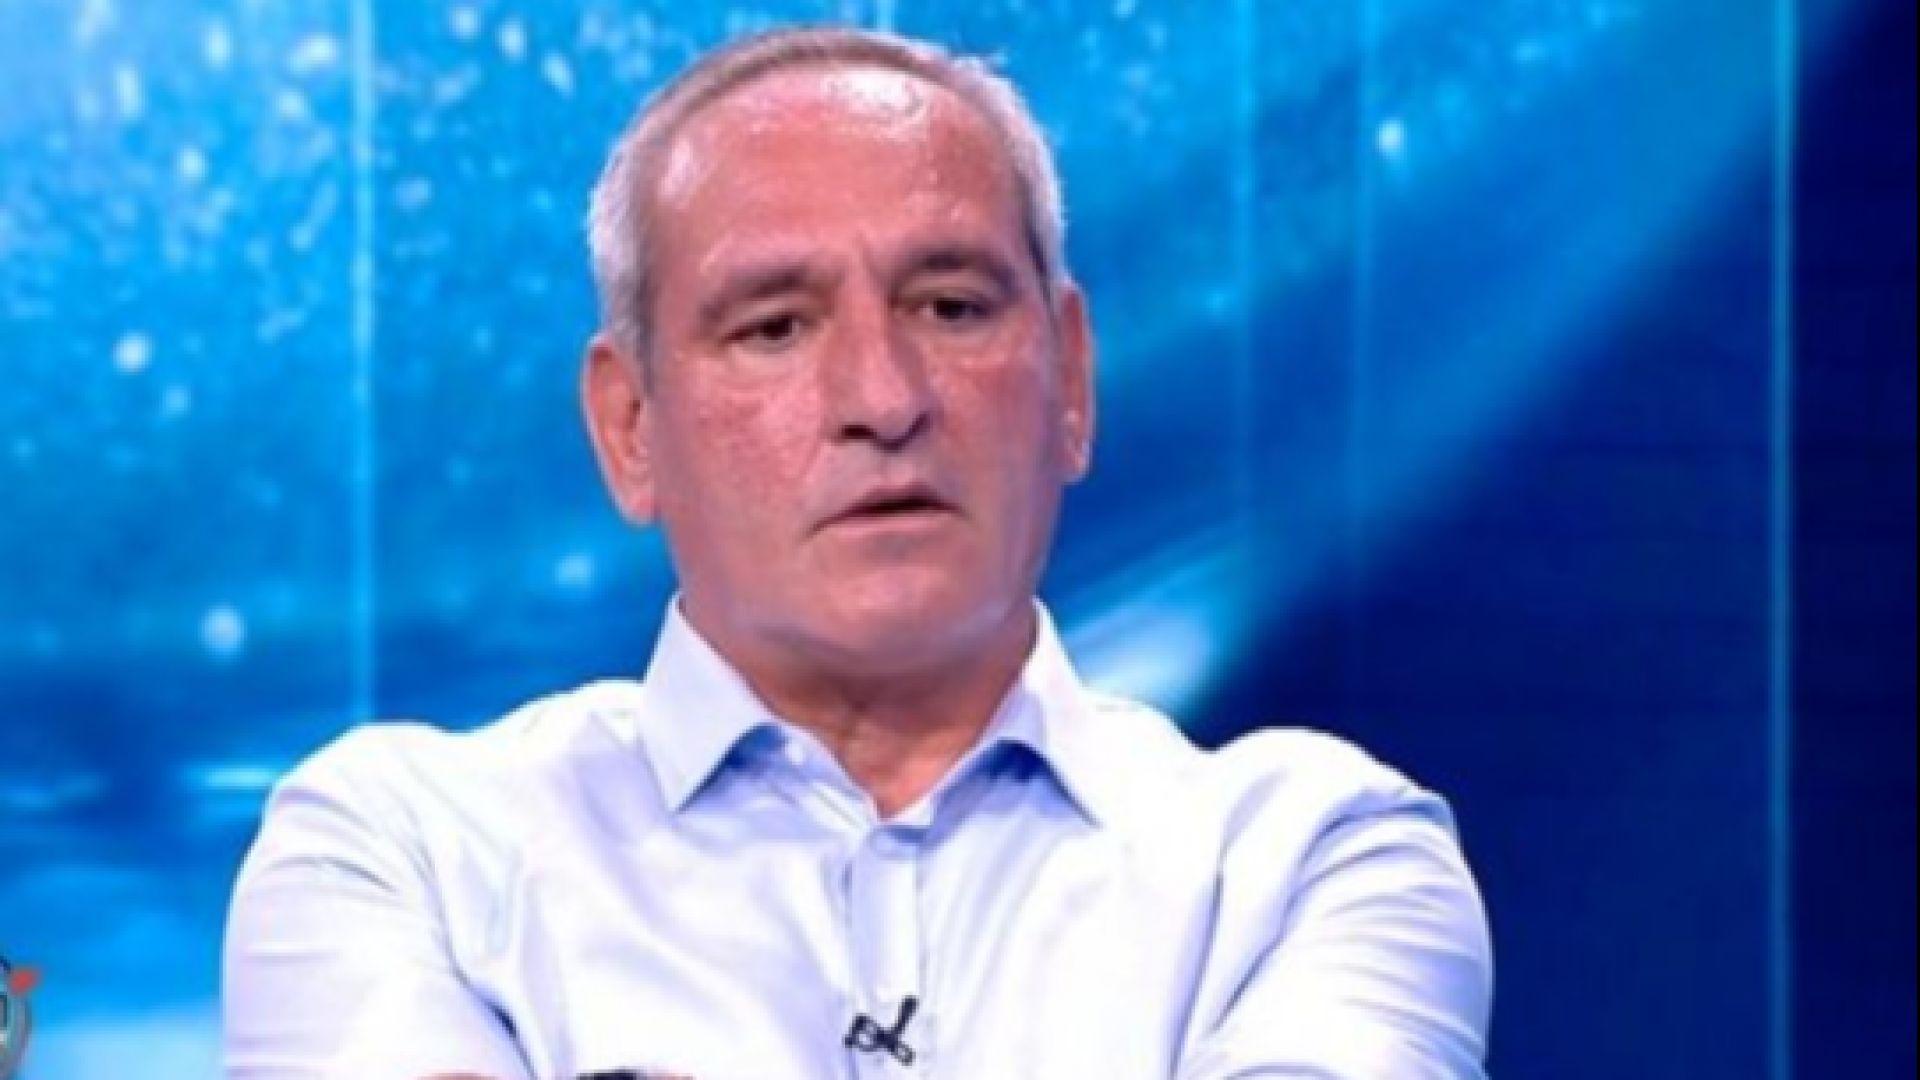 """Новият шеф на болница """"Лозенец"""": Не може да се вменява вина на лекарите, няма обвинения"""